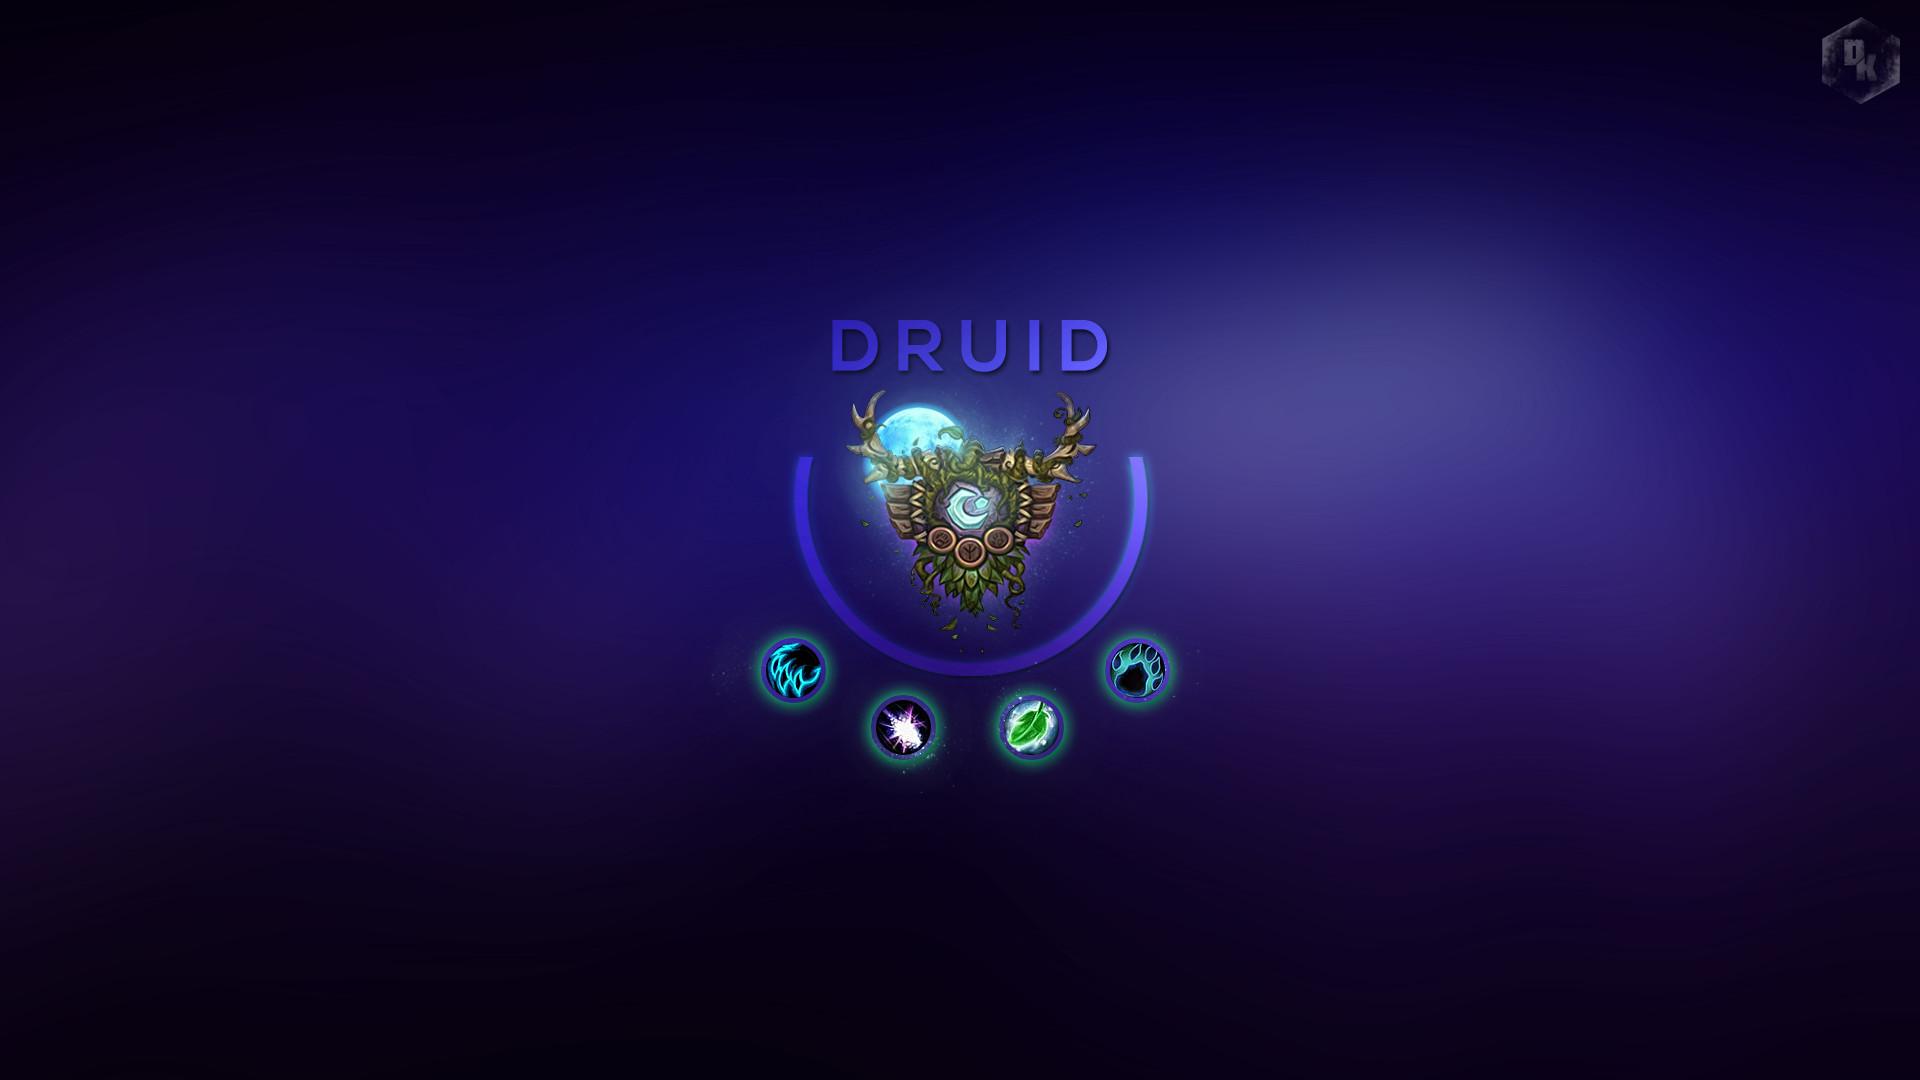 Will Rayner Druid Wallpaper World Of Warcraft Wallpaper Druid